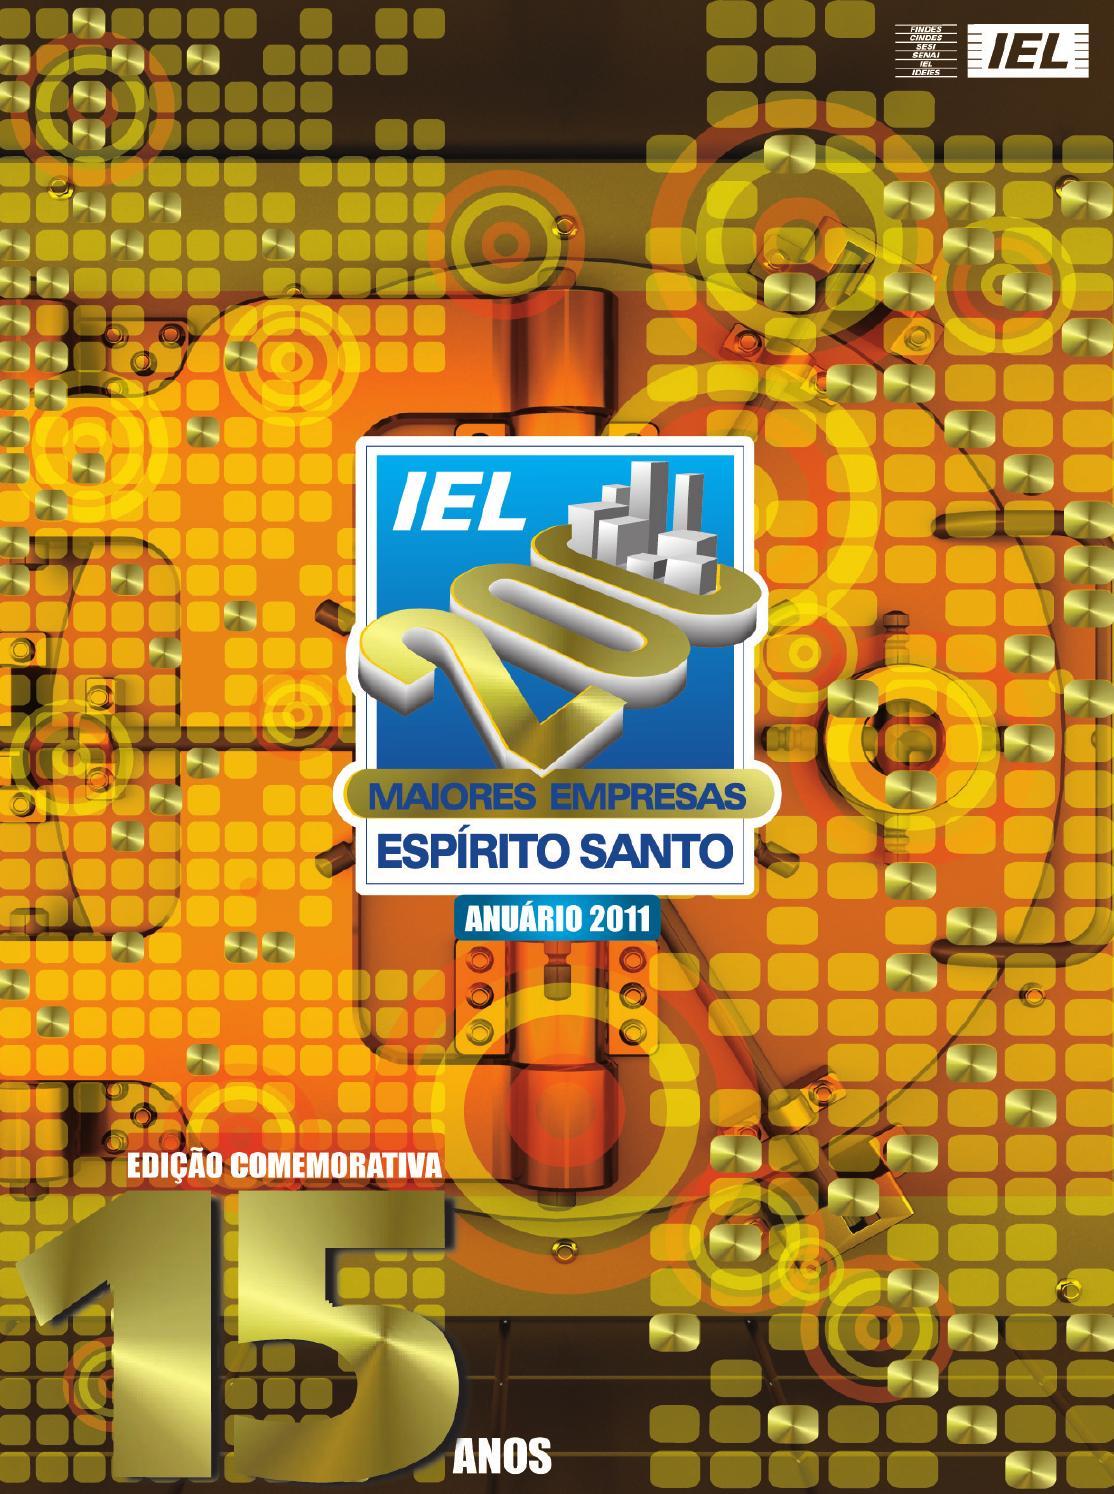 Anuário IEL 200 Maiores Empresas no Espírito Santo by Next Editorial - issuu a990c3c5bb378